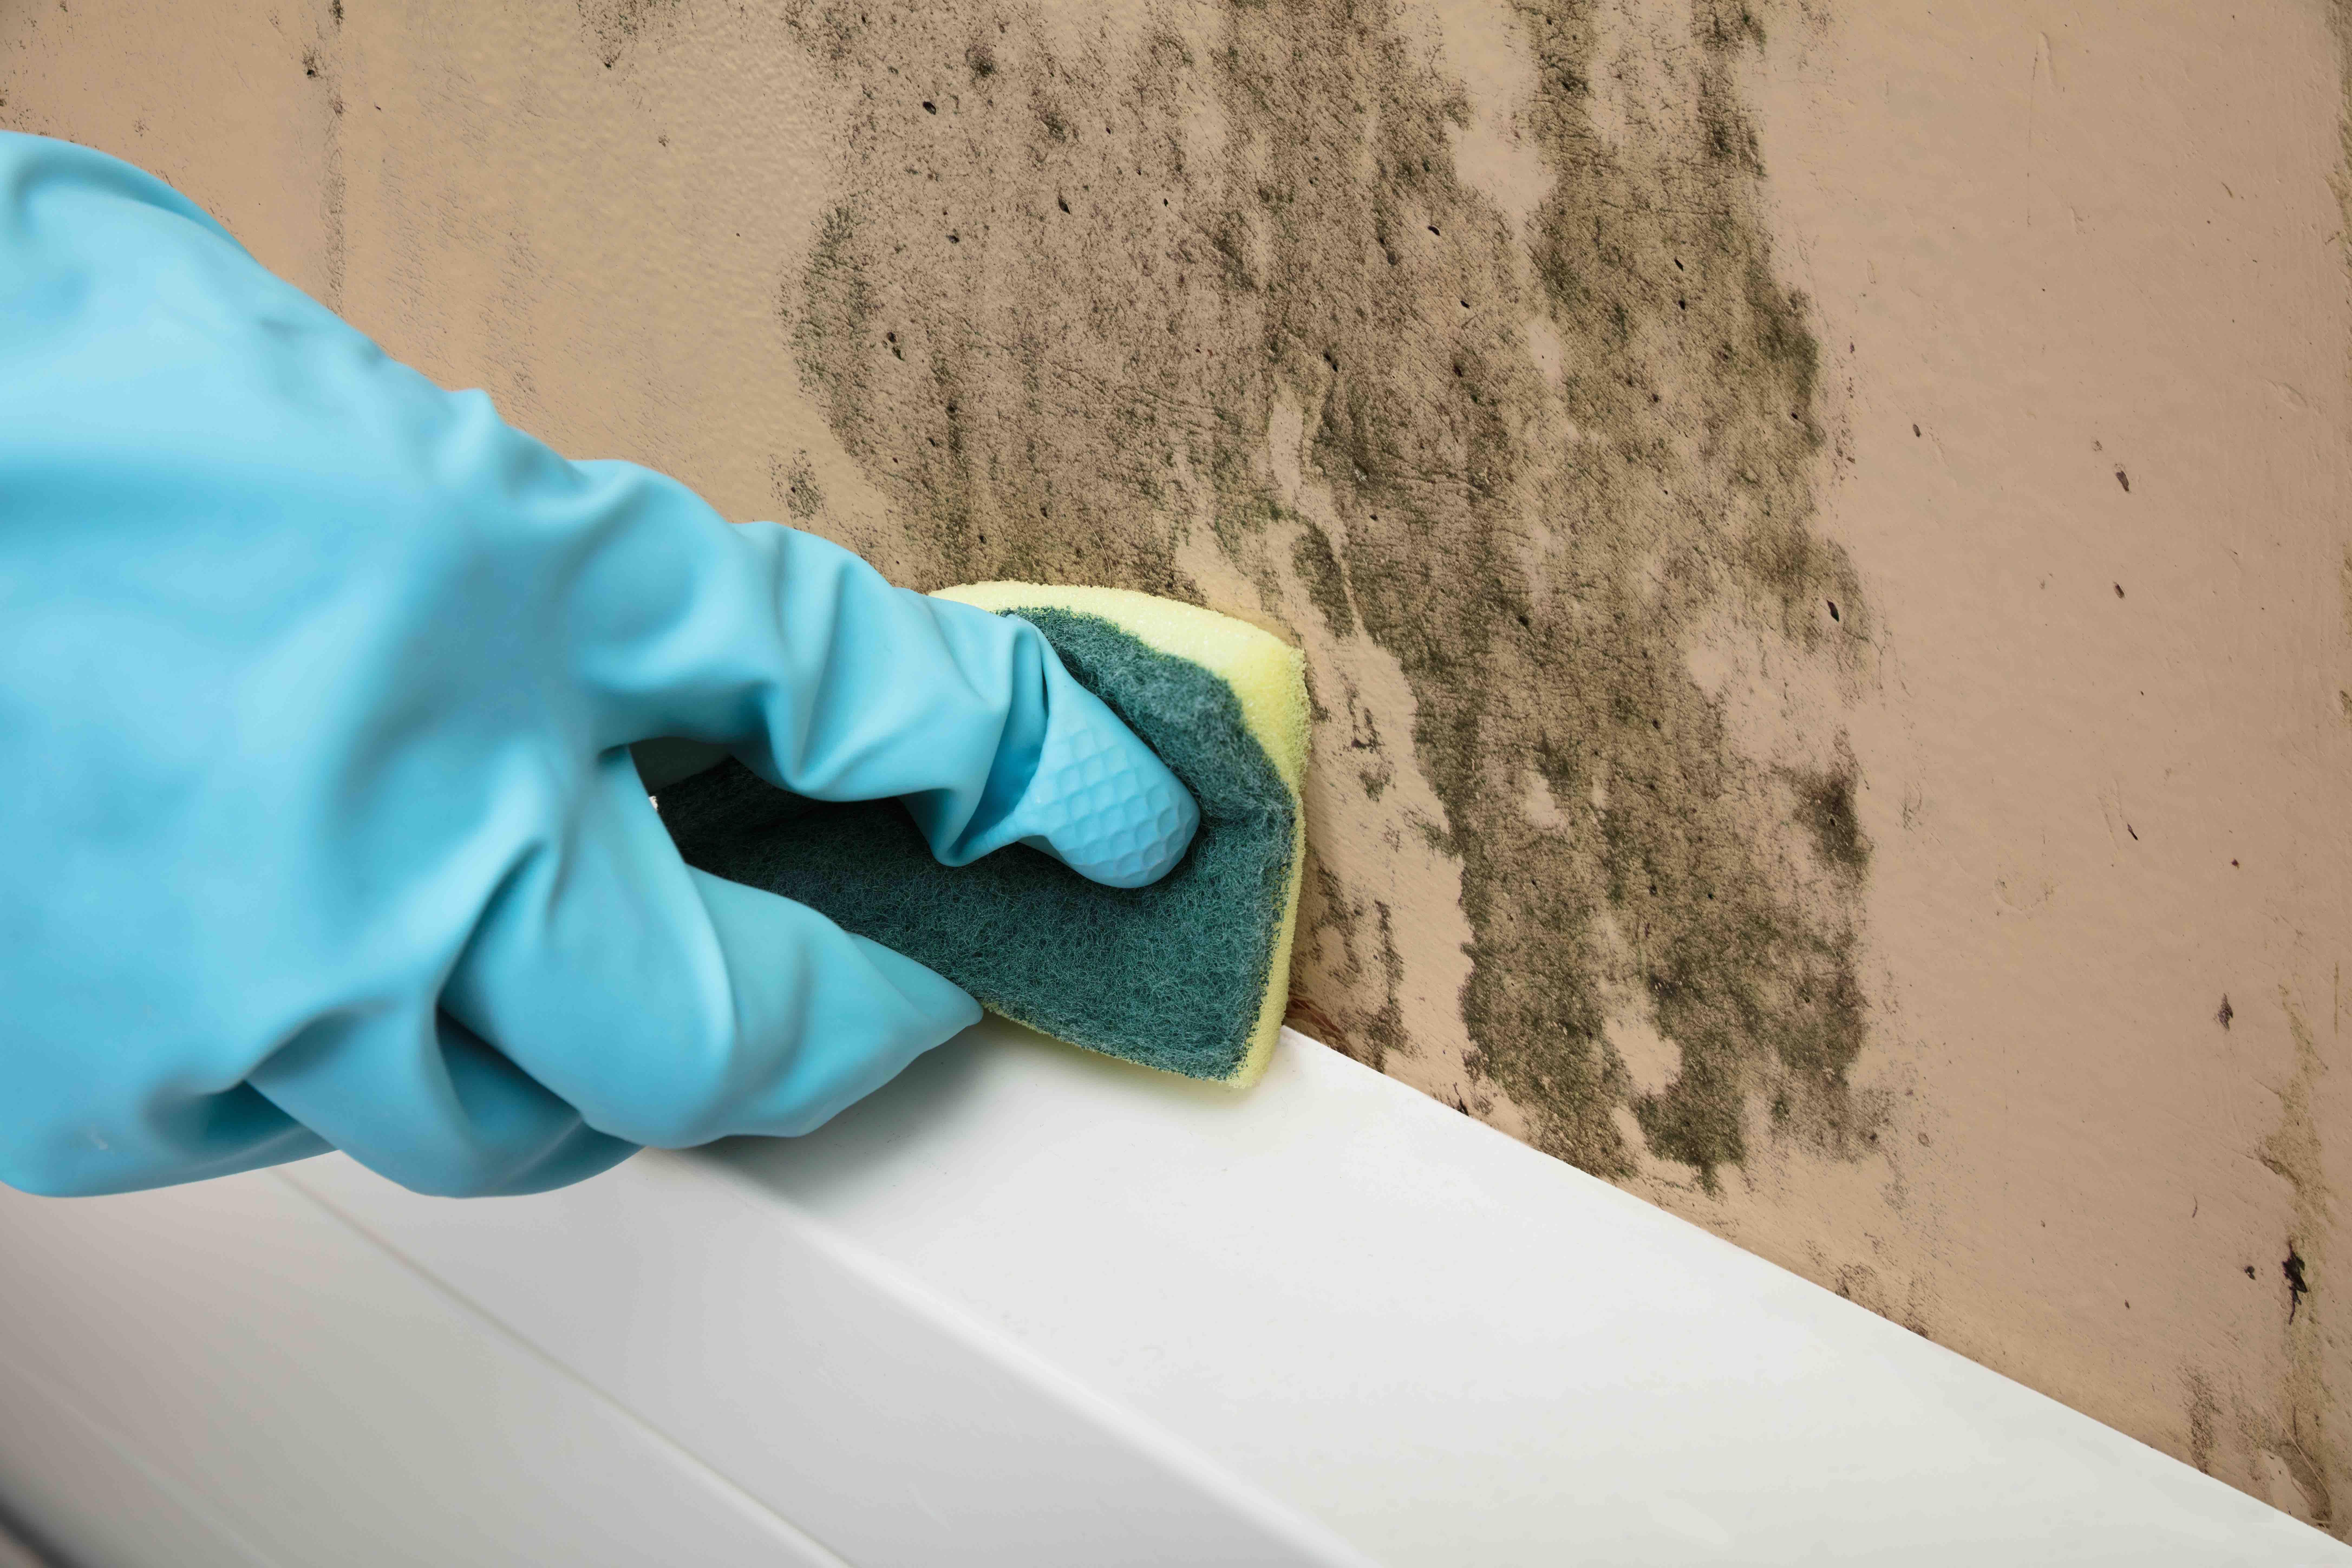 押入れのカビの掃除方法と予防方法を壁の素材ごとに全部紹介 決定版